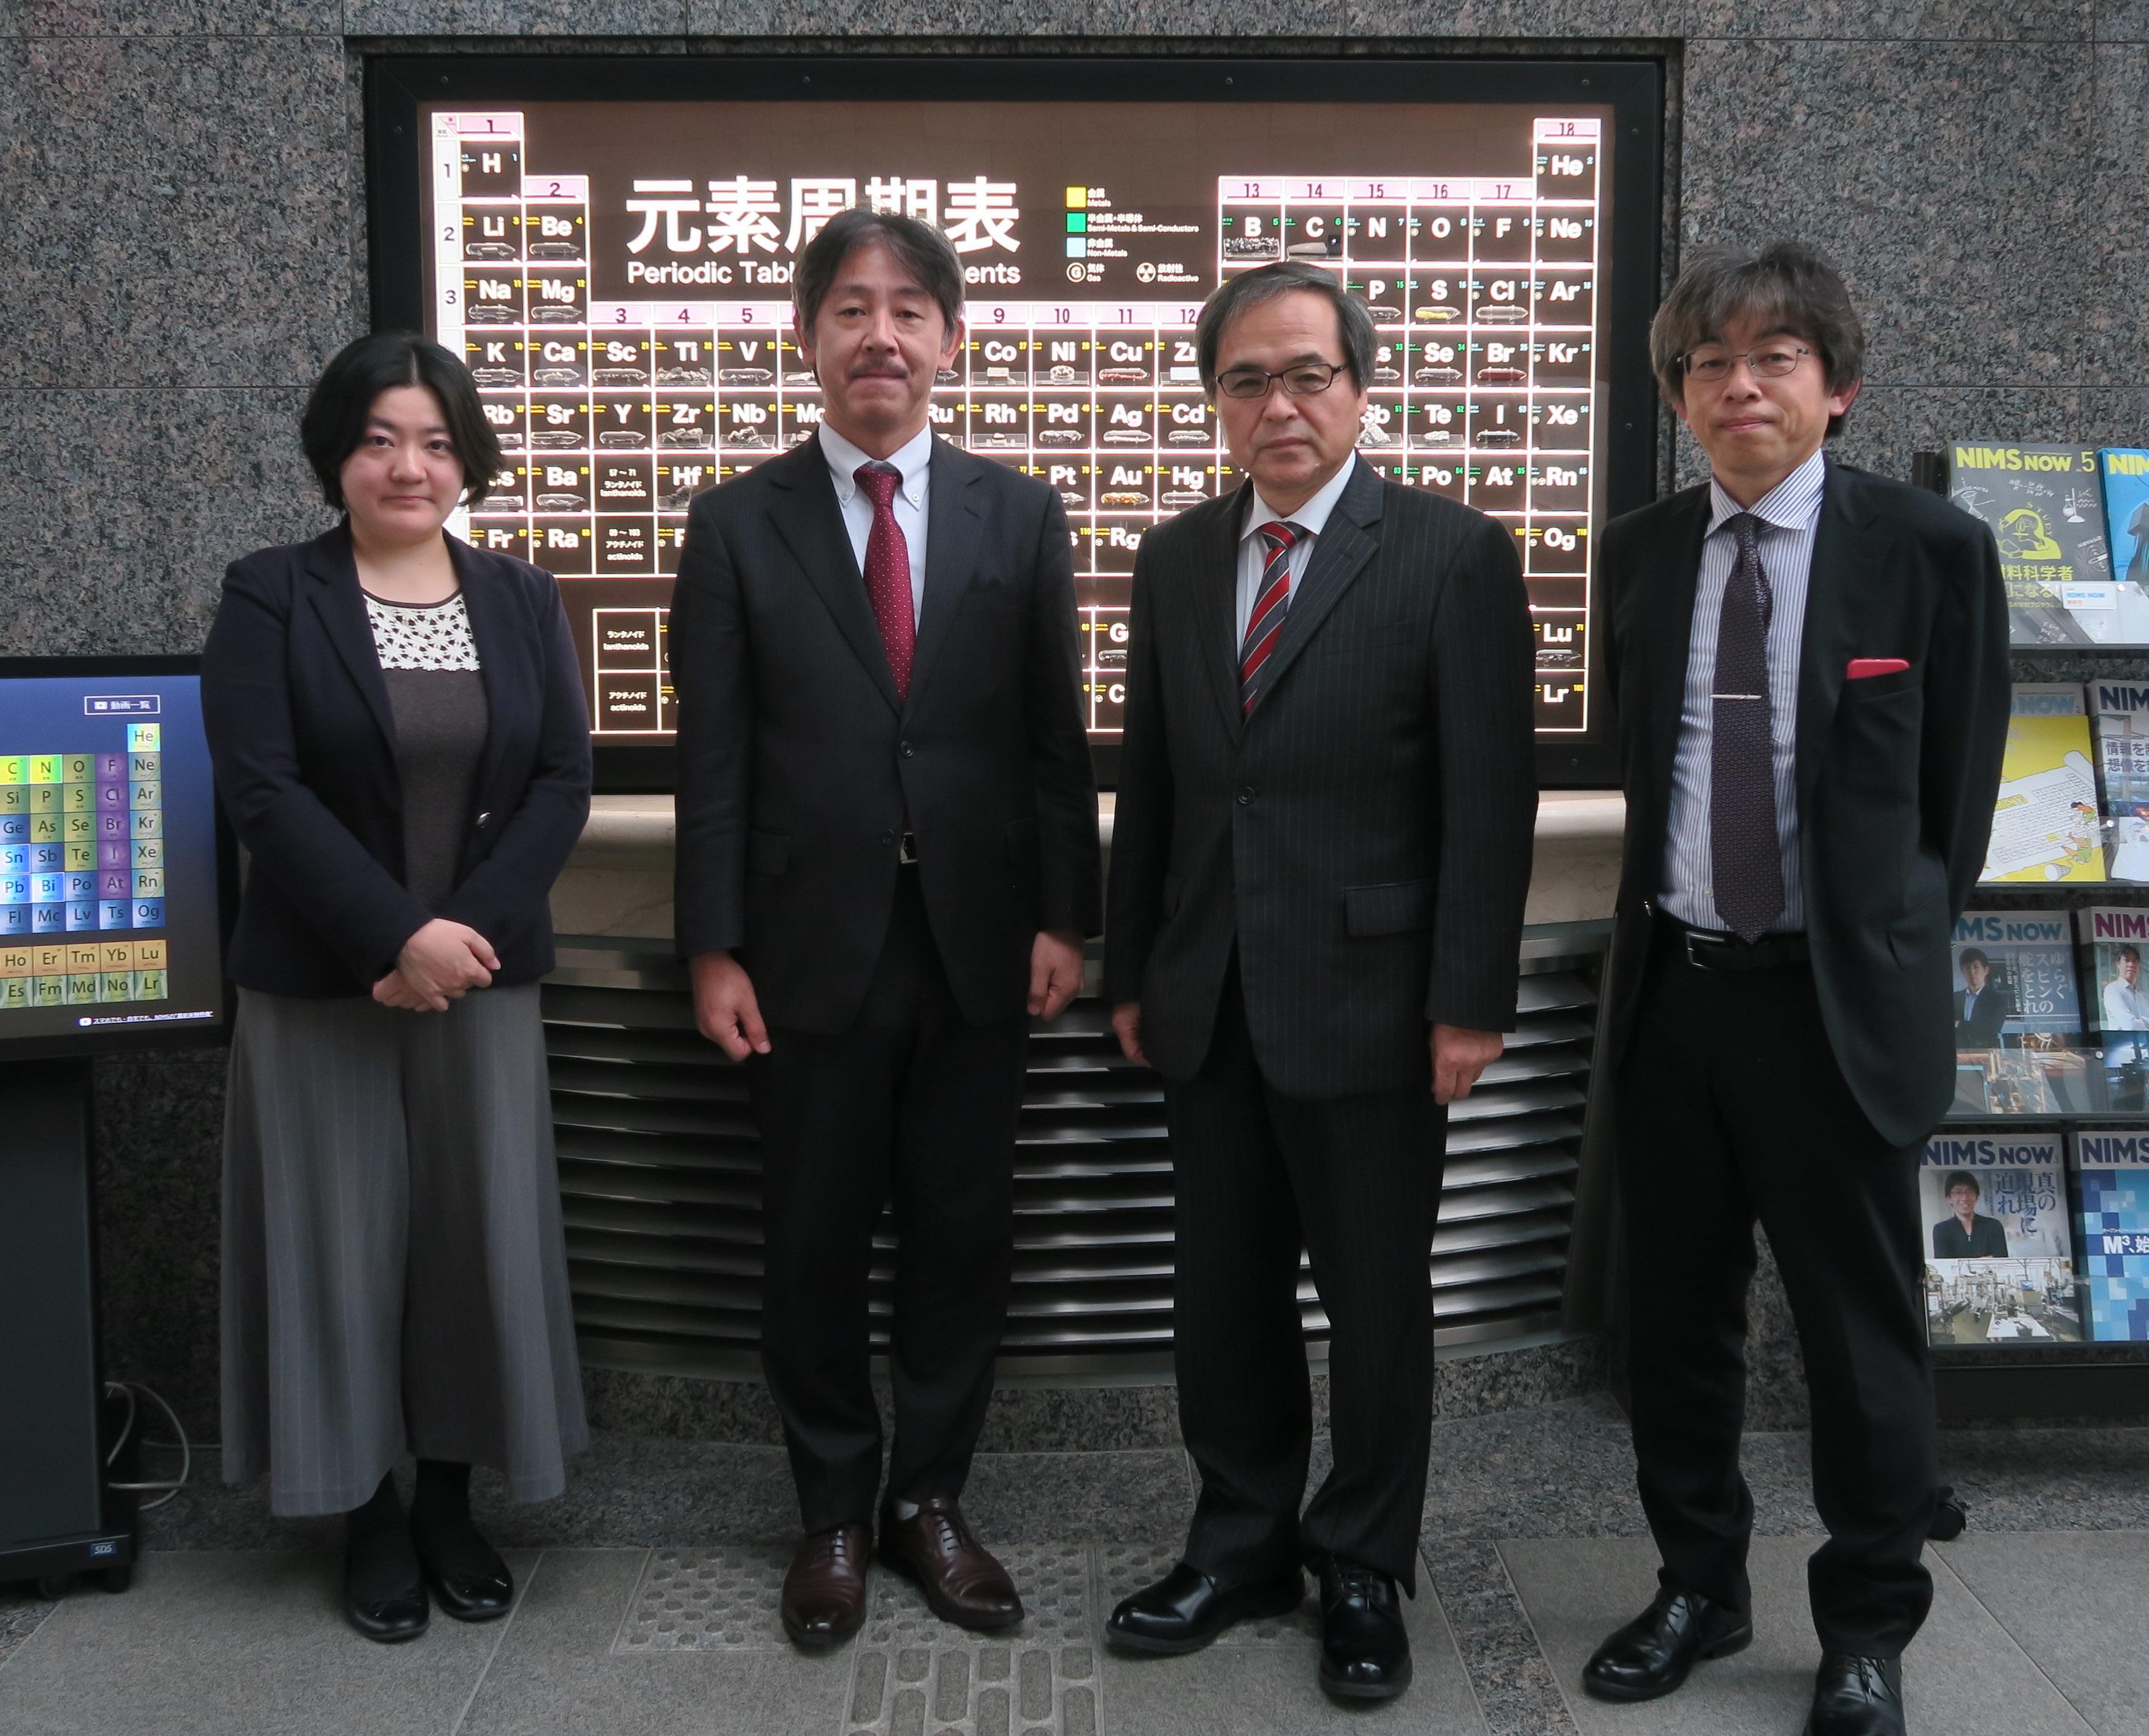 インタビューを終えて、NIMSの研究本館ロビー(元素周期表)の前にて 左から松本、林、橋本理事長、蒲生